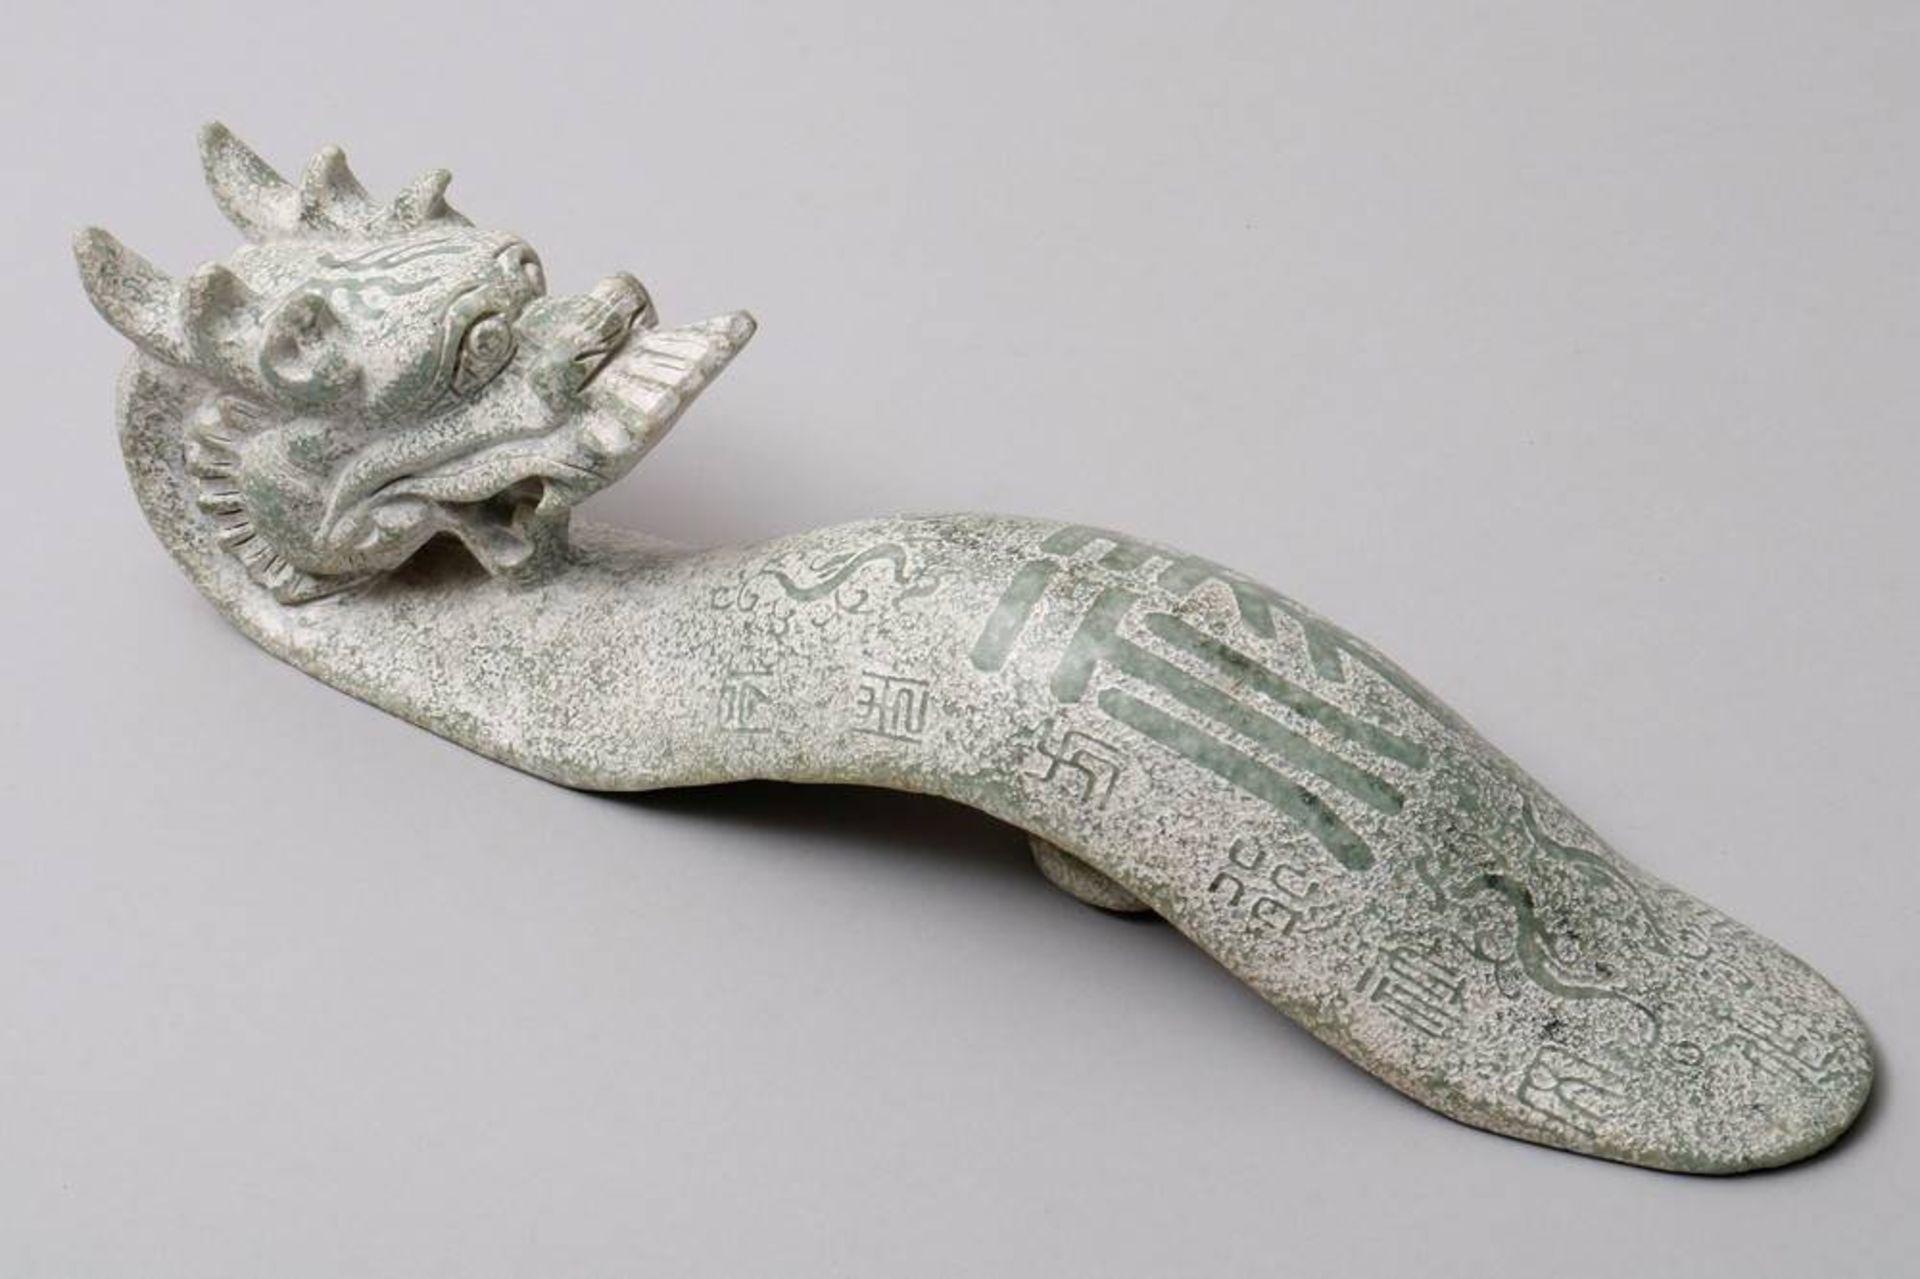 Übergroßer Gürtelhaken China, wohl 20. Jh., Jade, geschwungene Form mit plastischem Drachenkopf, - Bild 2 aus 5